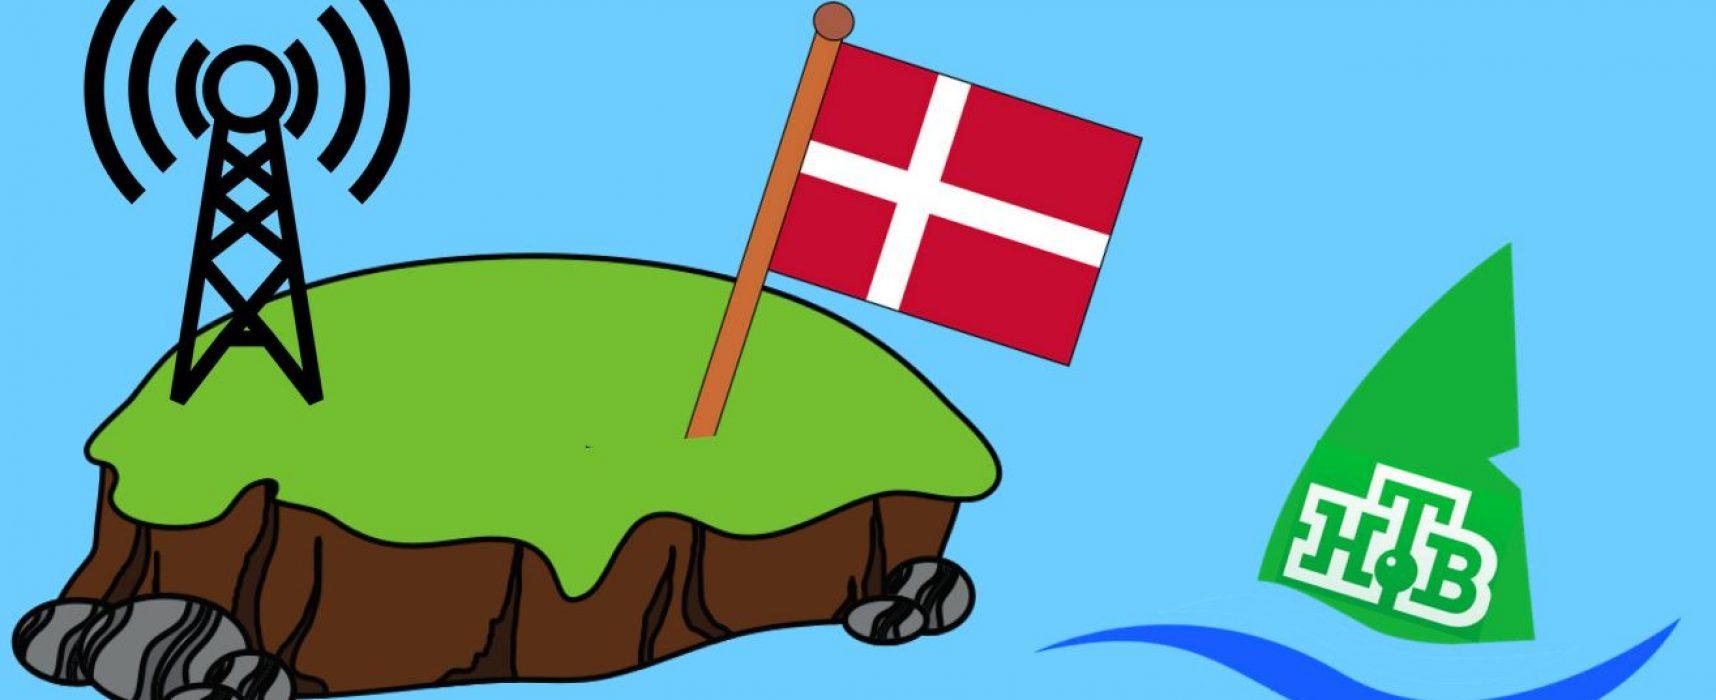 НТВ едет в Данию: как аукнулся один сюжет